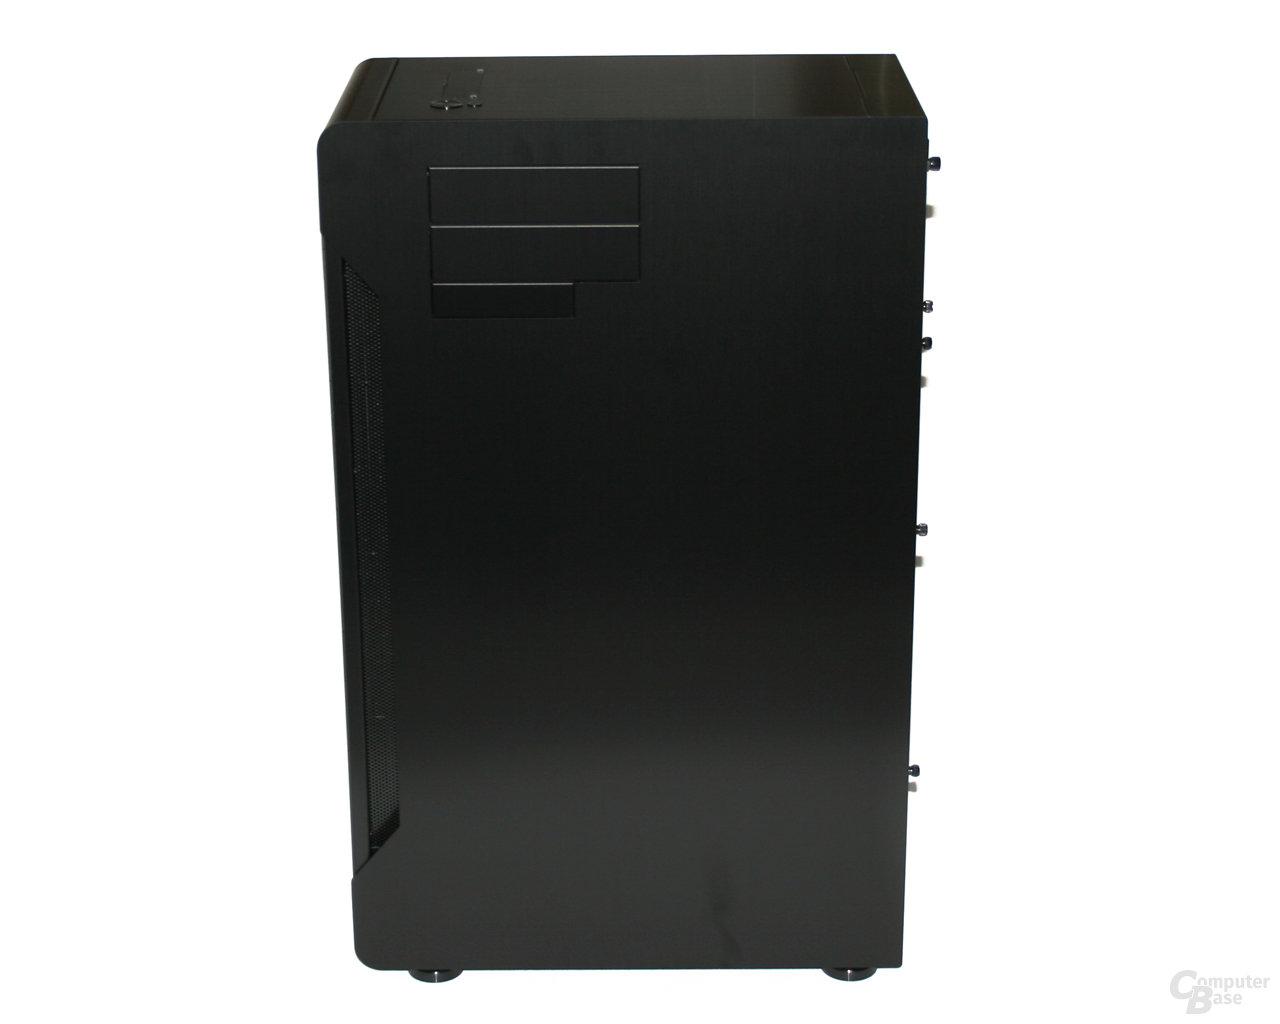 Lian Li TYR Super-Case PC-X2000BW – Seintenansicht rechts